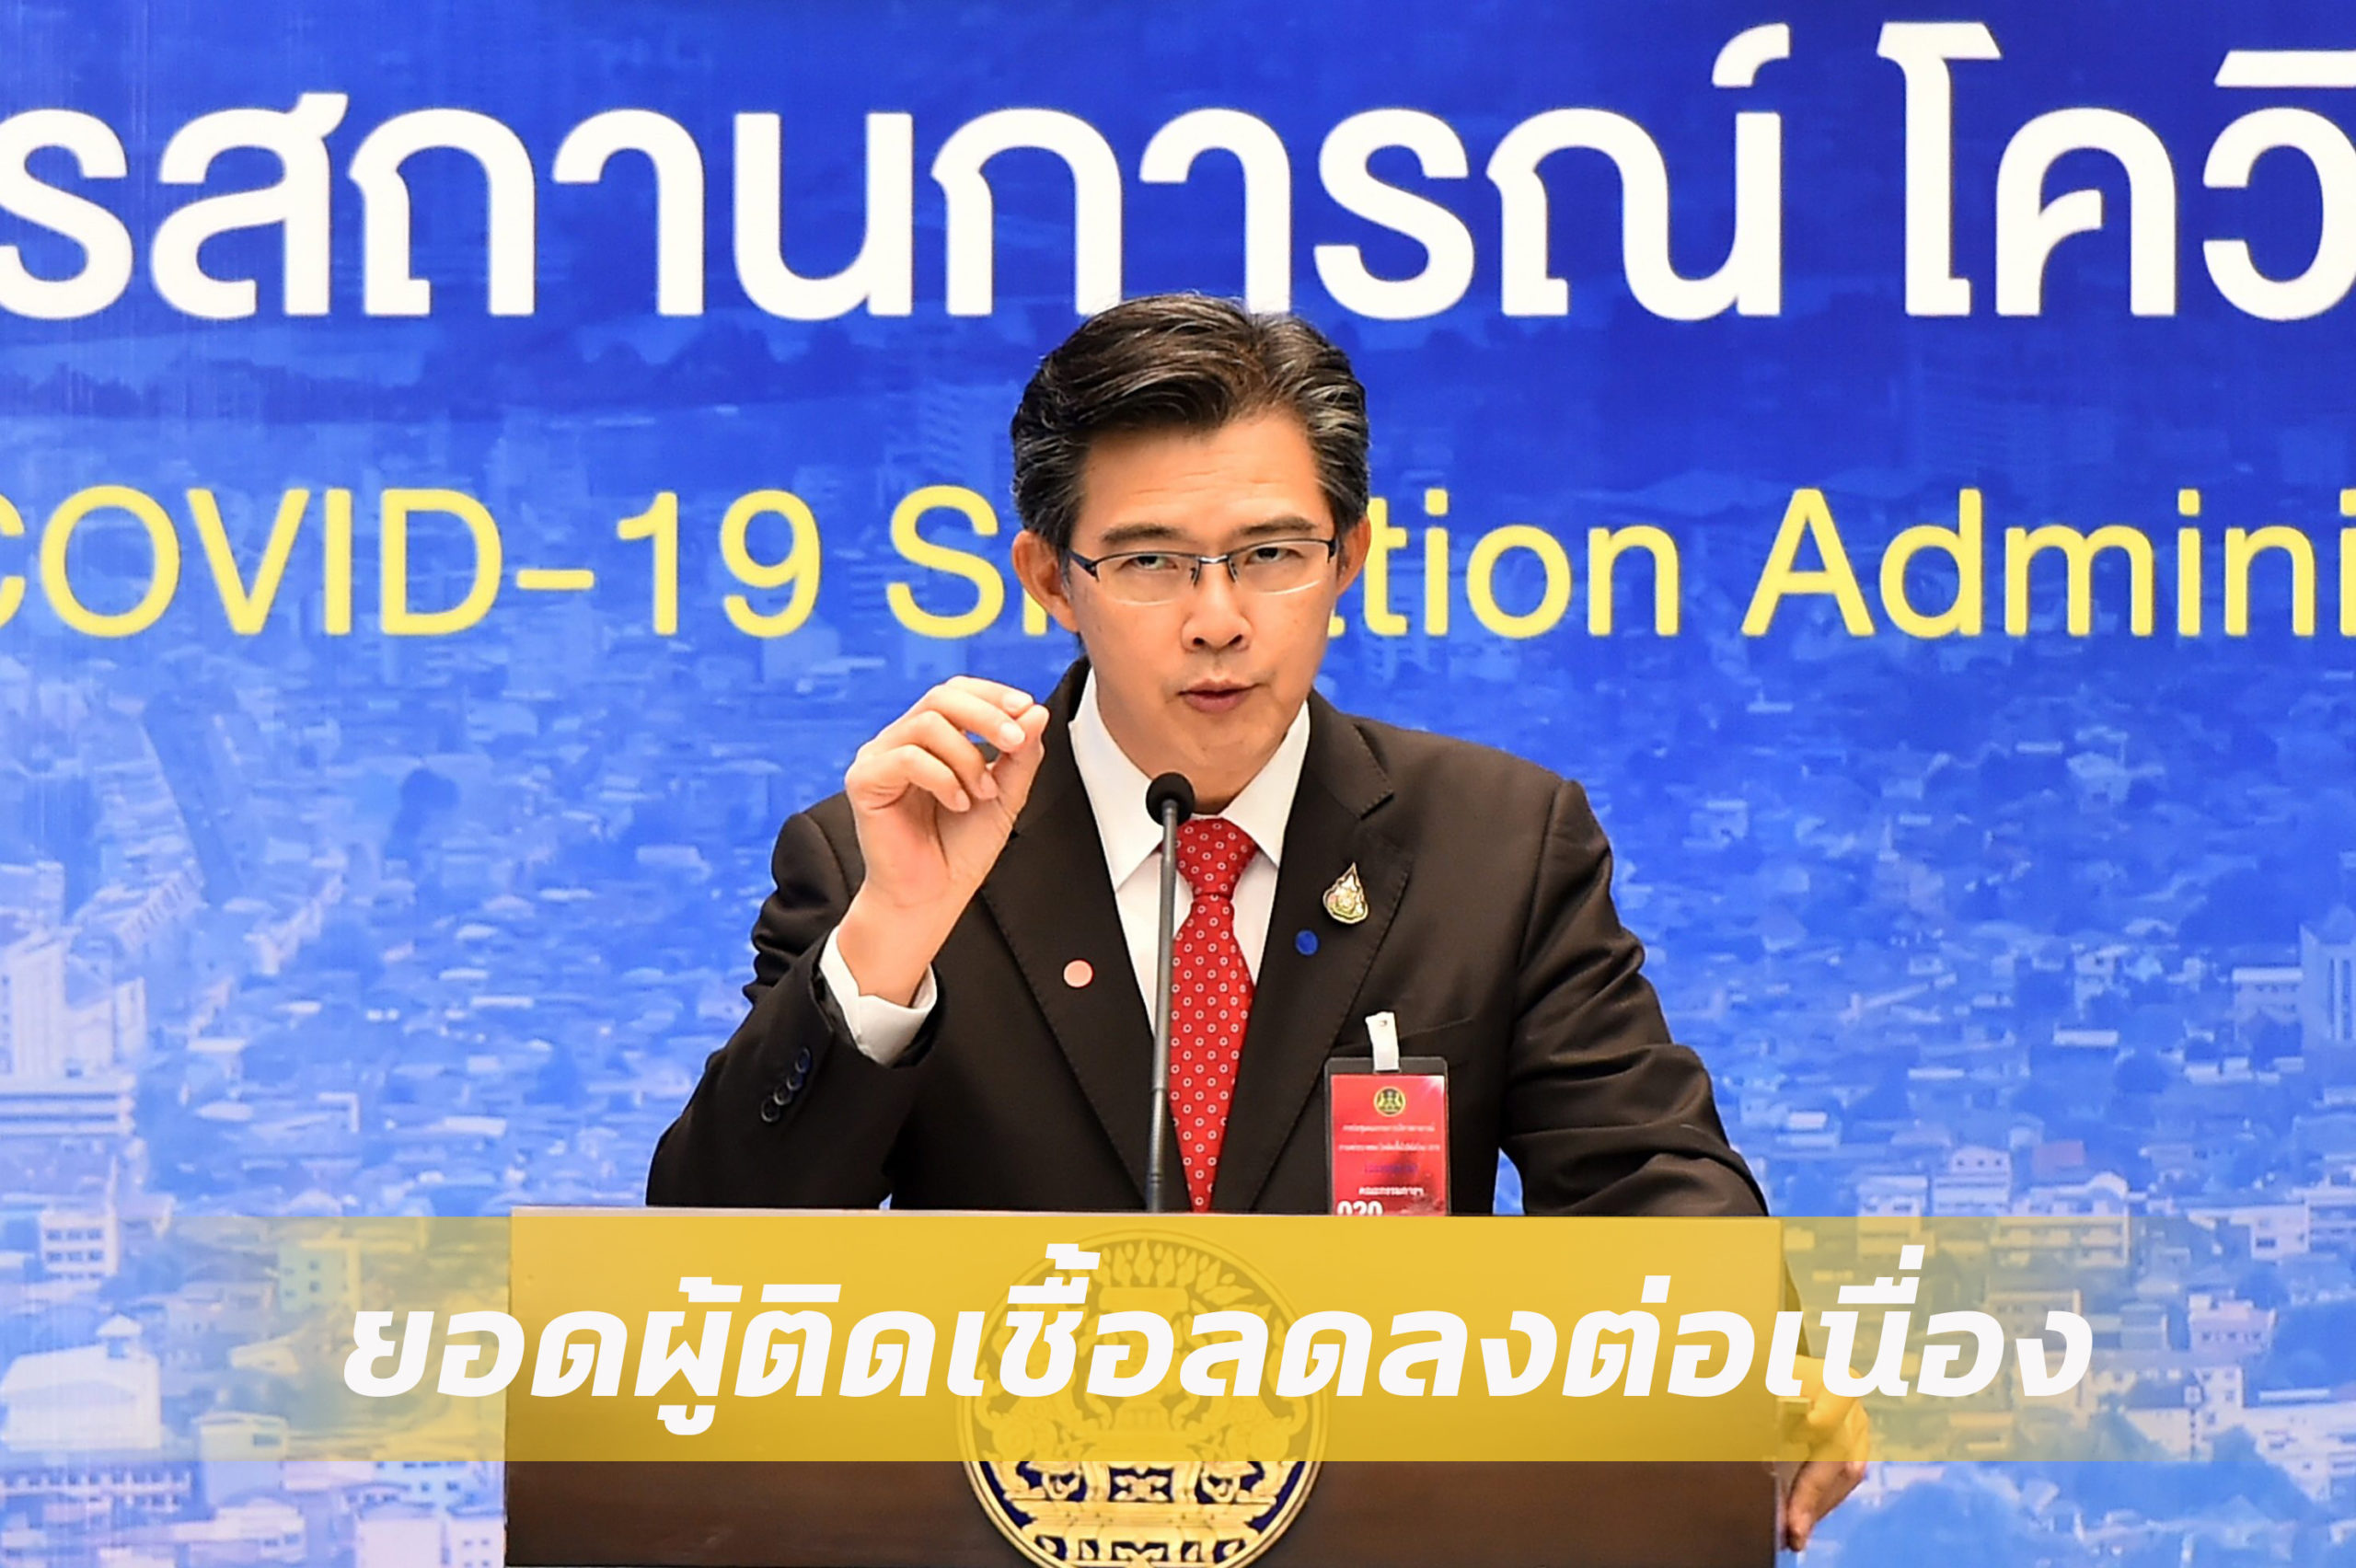 ยอดติดเชื้อ โควิด-19 ในไทย ผู้ป่วยติดเชื้อเพิ่ม 28 ราย รวมสะสม 2,700